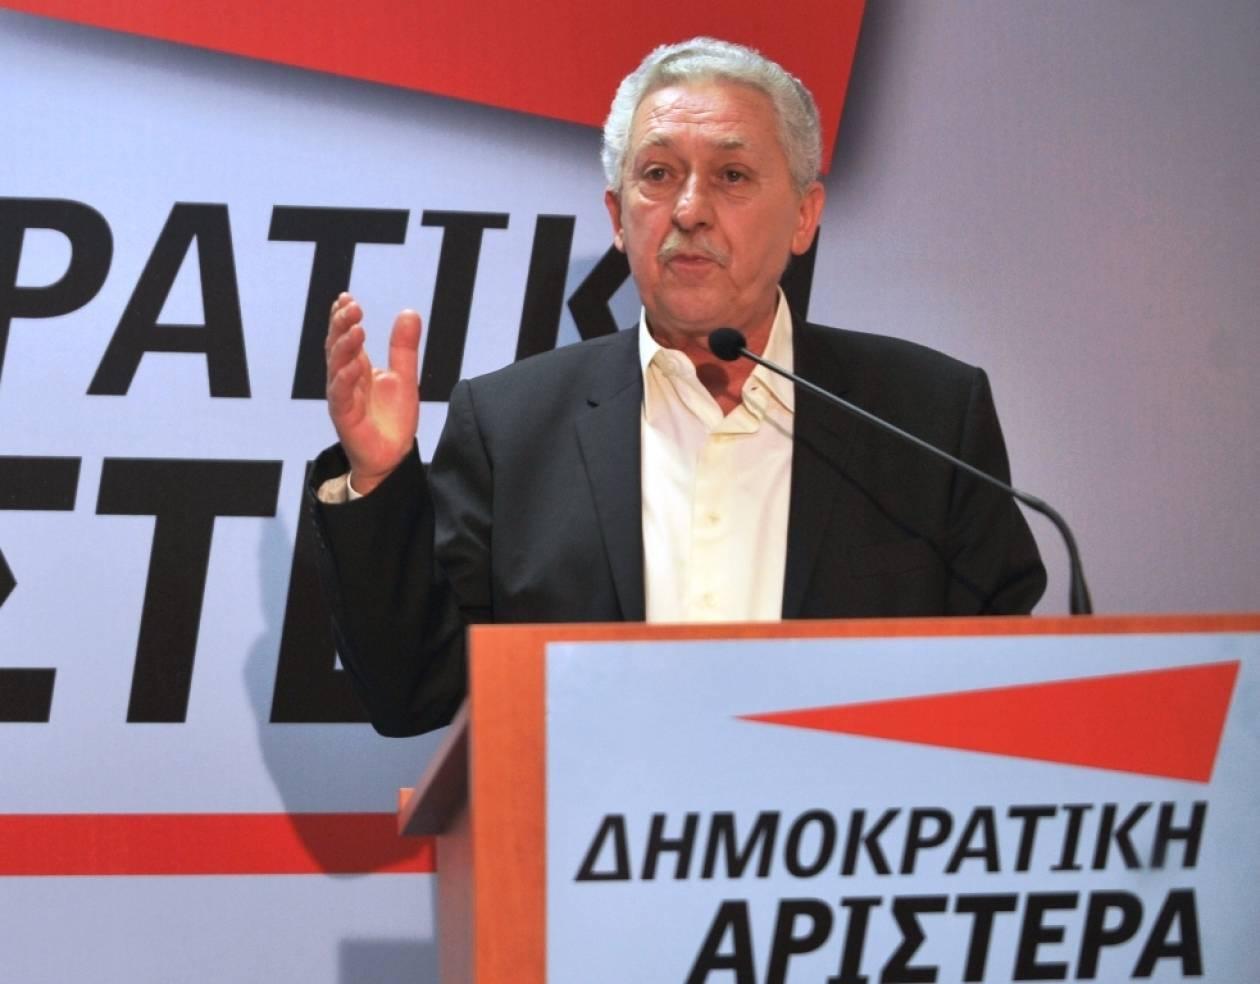 Φ. Κουβέλης: «Ανάσα για τη χώρα ο συμβιβασμός»